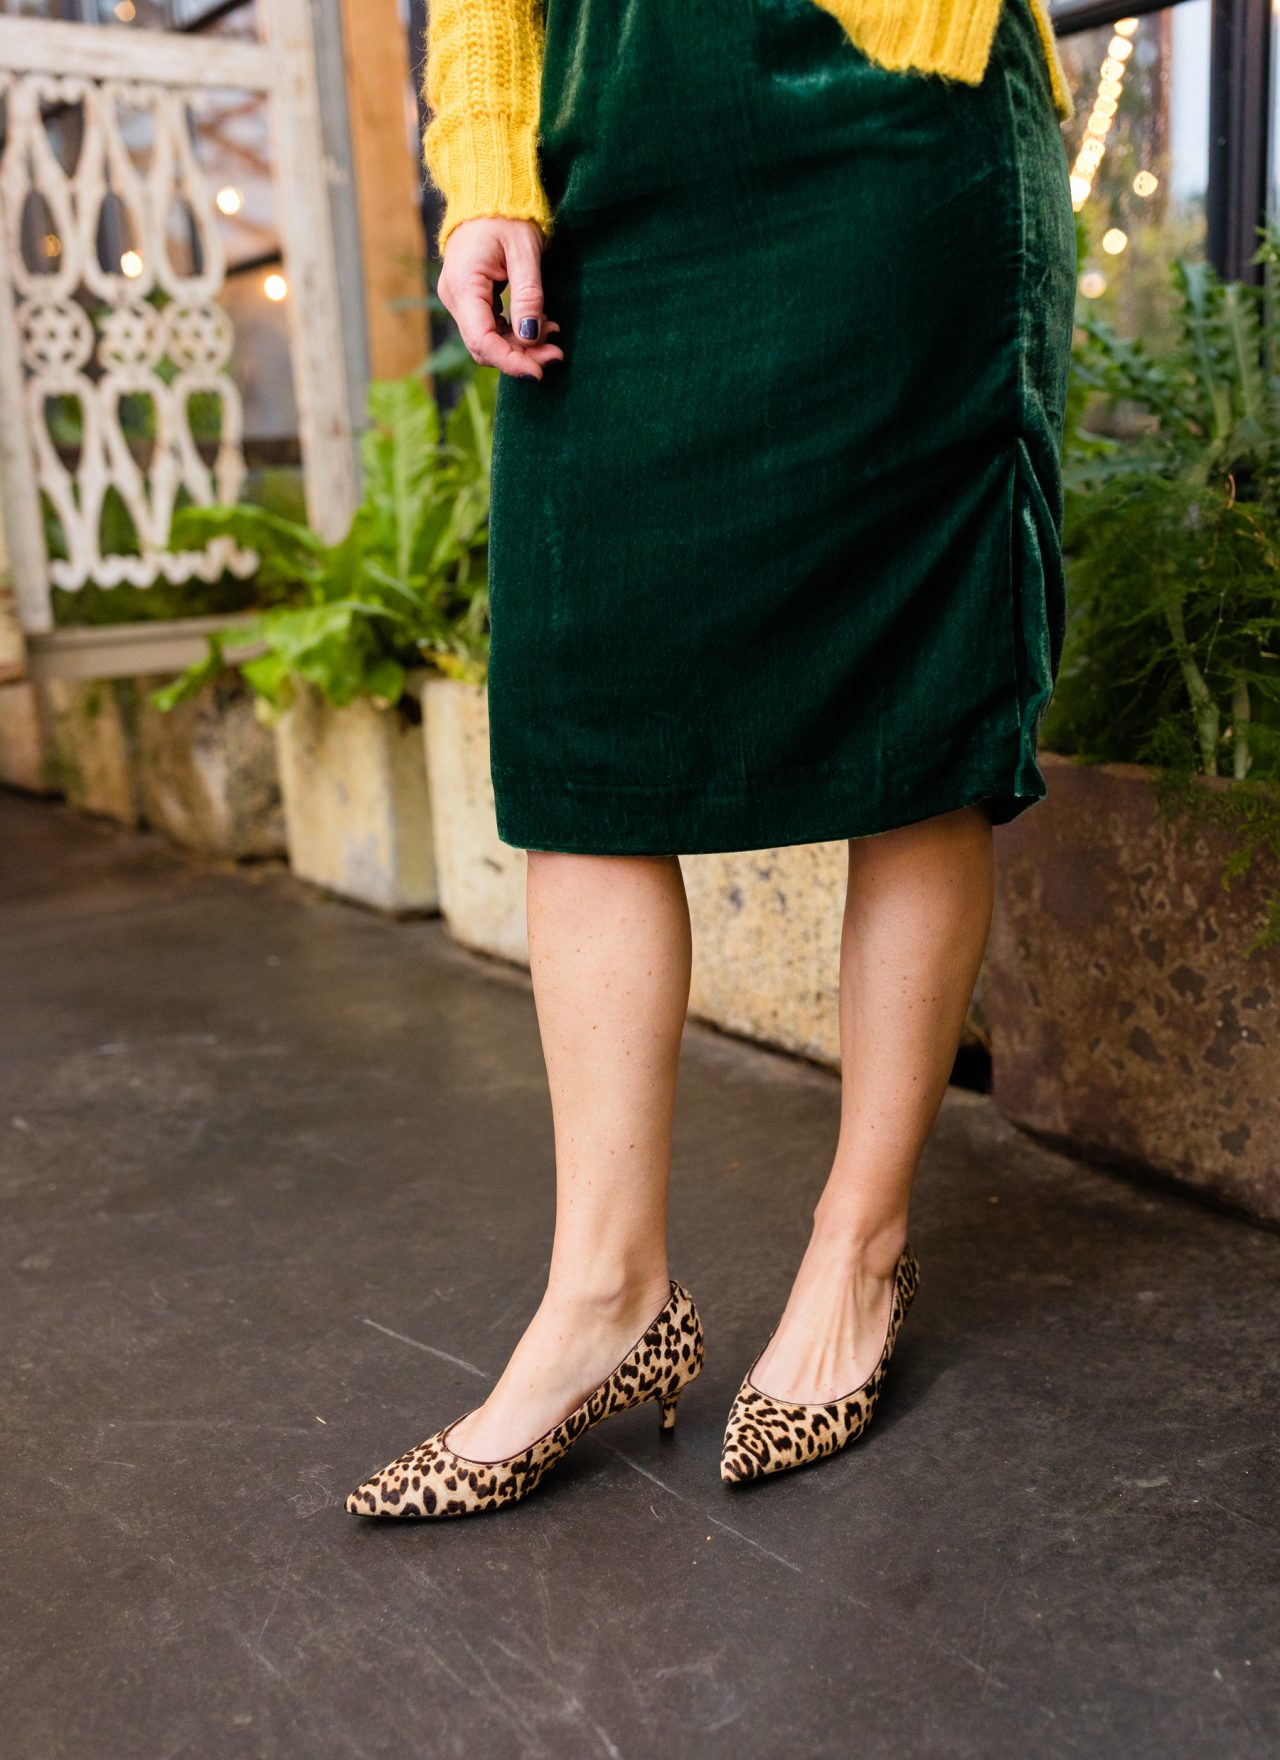 leopard print heels with green velvet skirt